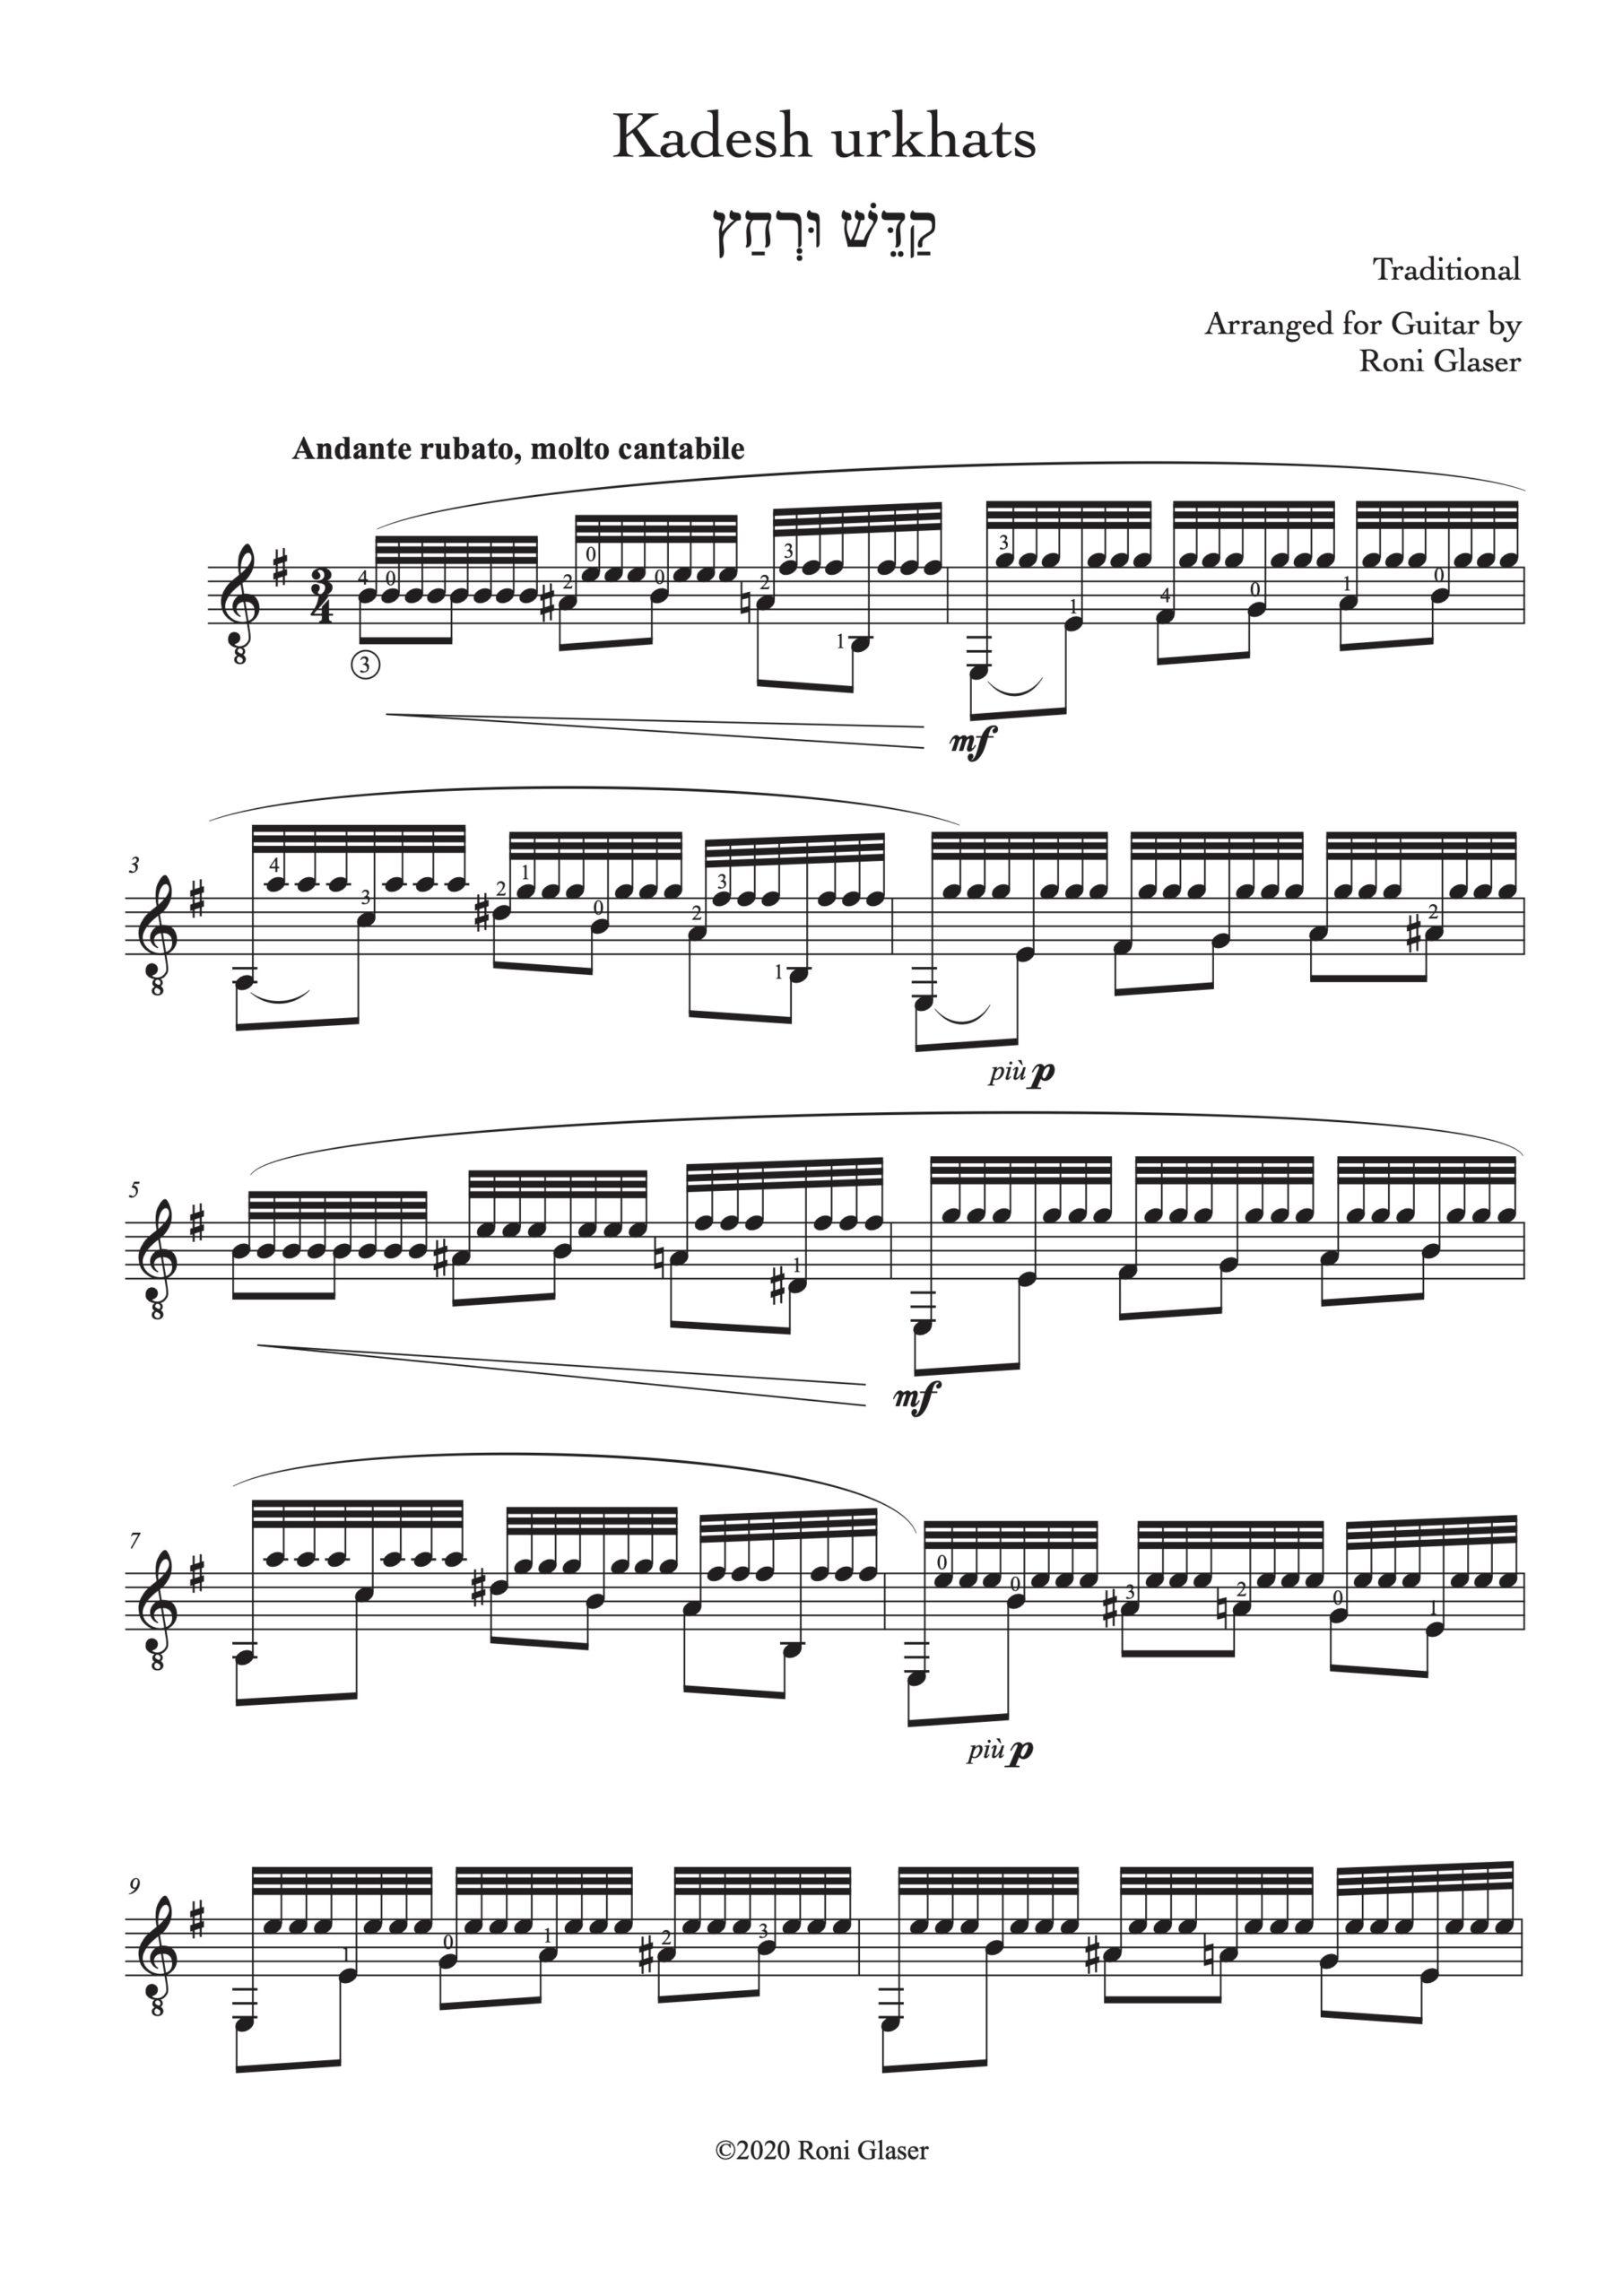 Kadesh Urkhats Score